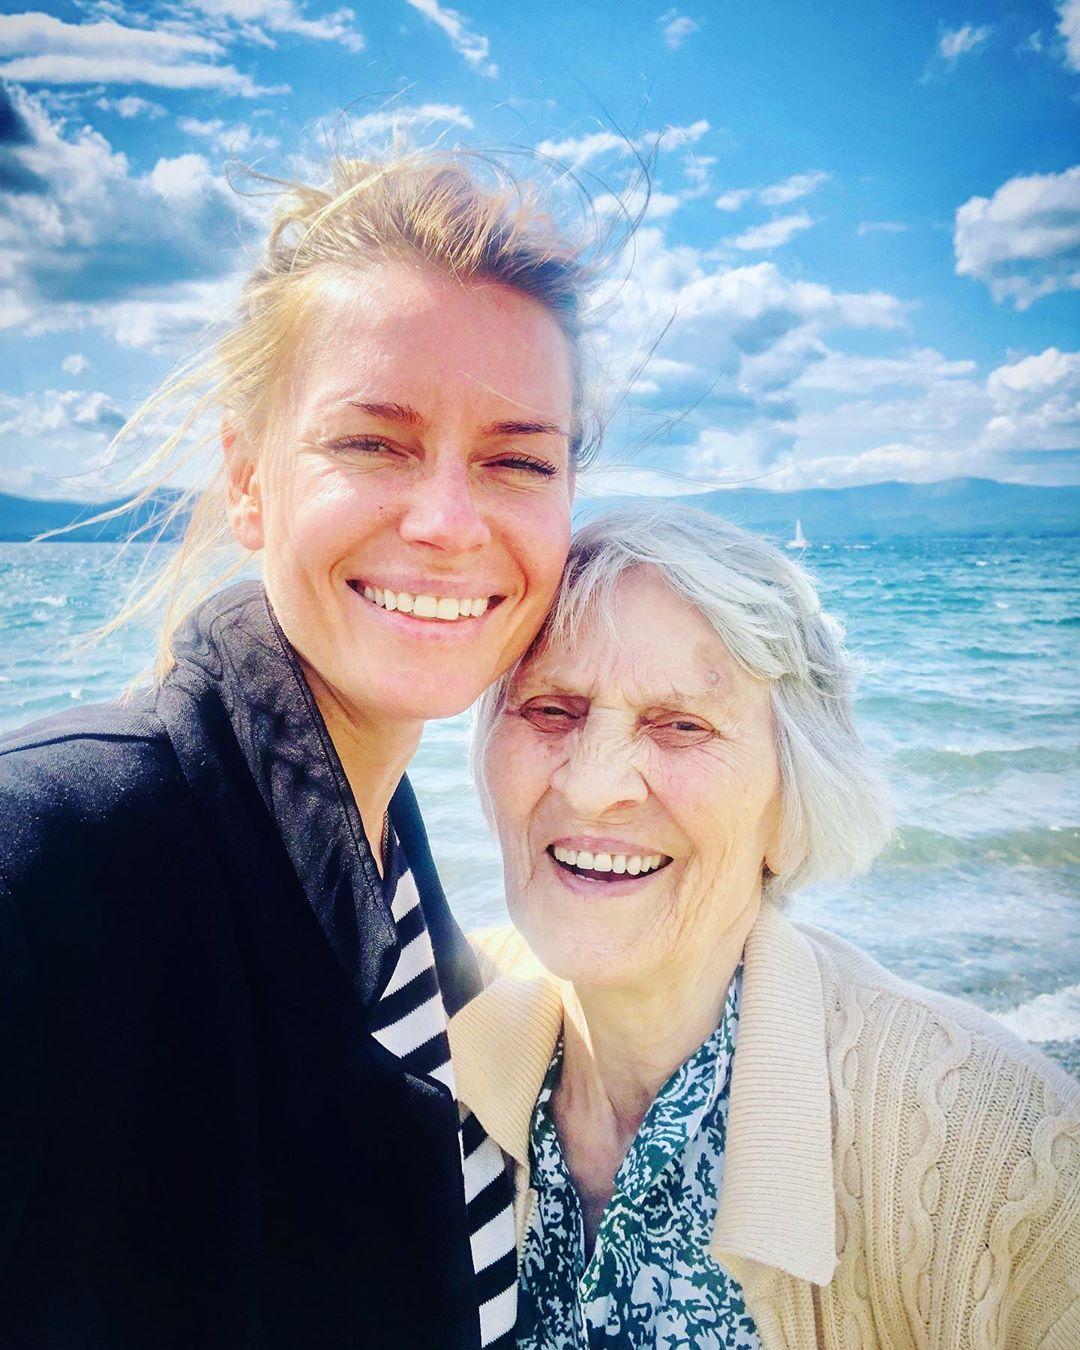 «Документирует бабуленок»: бабушка Толкалиной сняла отдых актрисы наозере